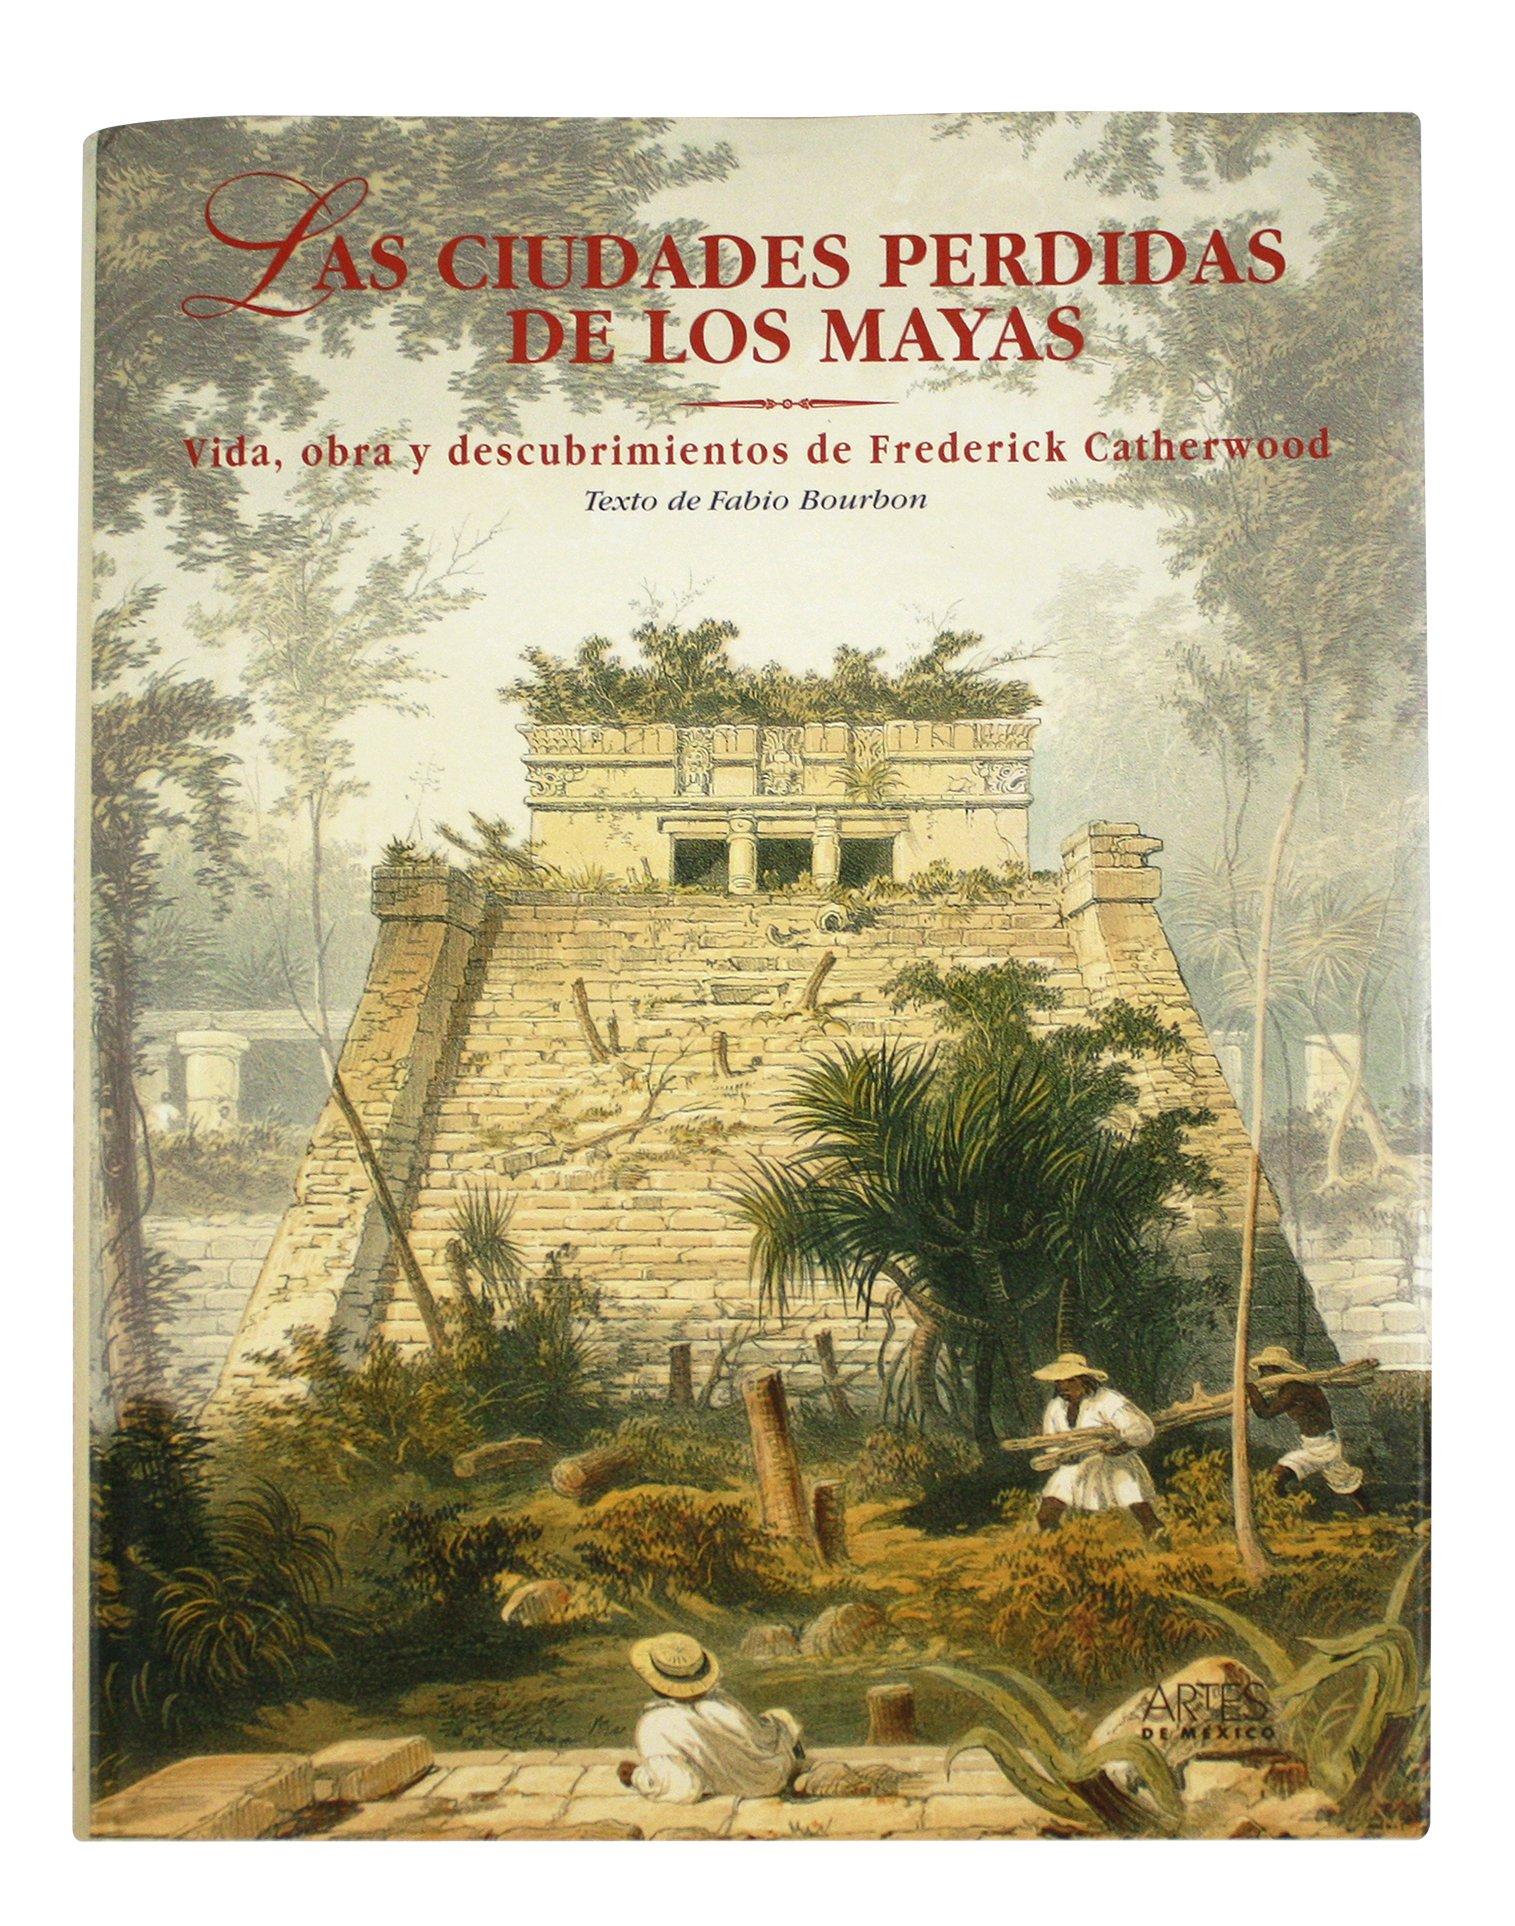 Las ciudades perdidas de los Mayas / The Lost Cities of the Mayas (Spanish Edition): Fabio Bourdon: 9789686533873: Amazon.com: Books